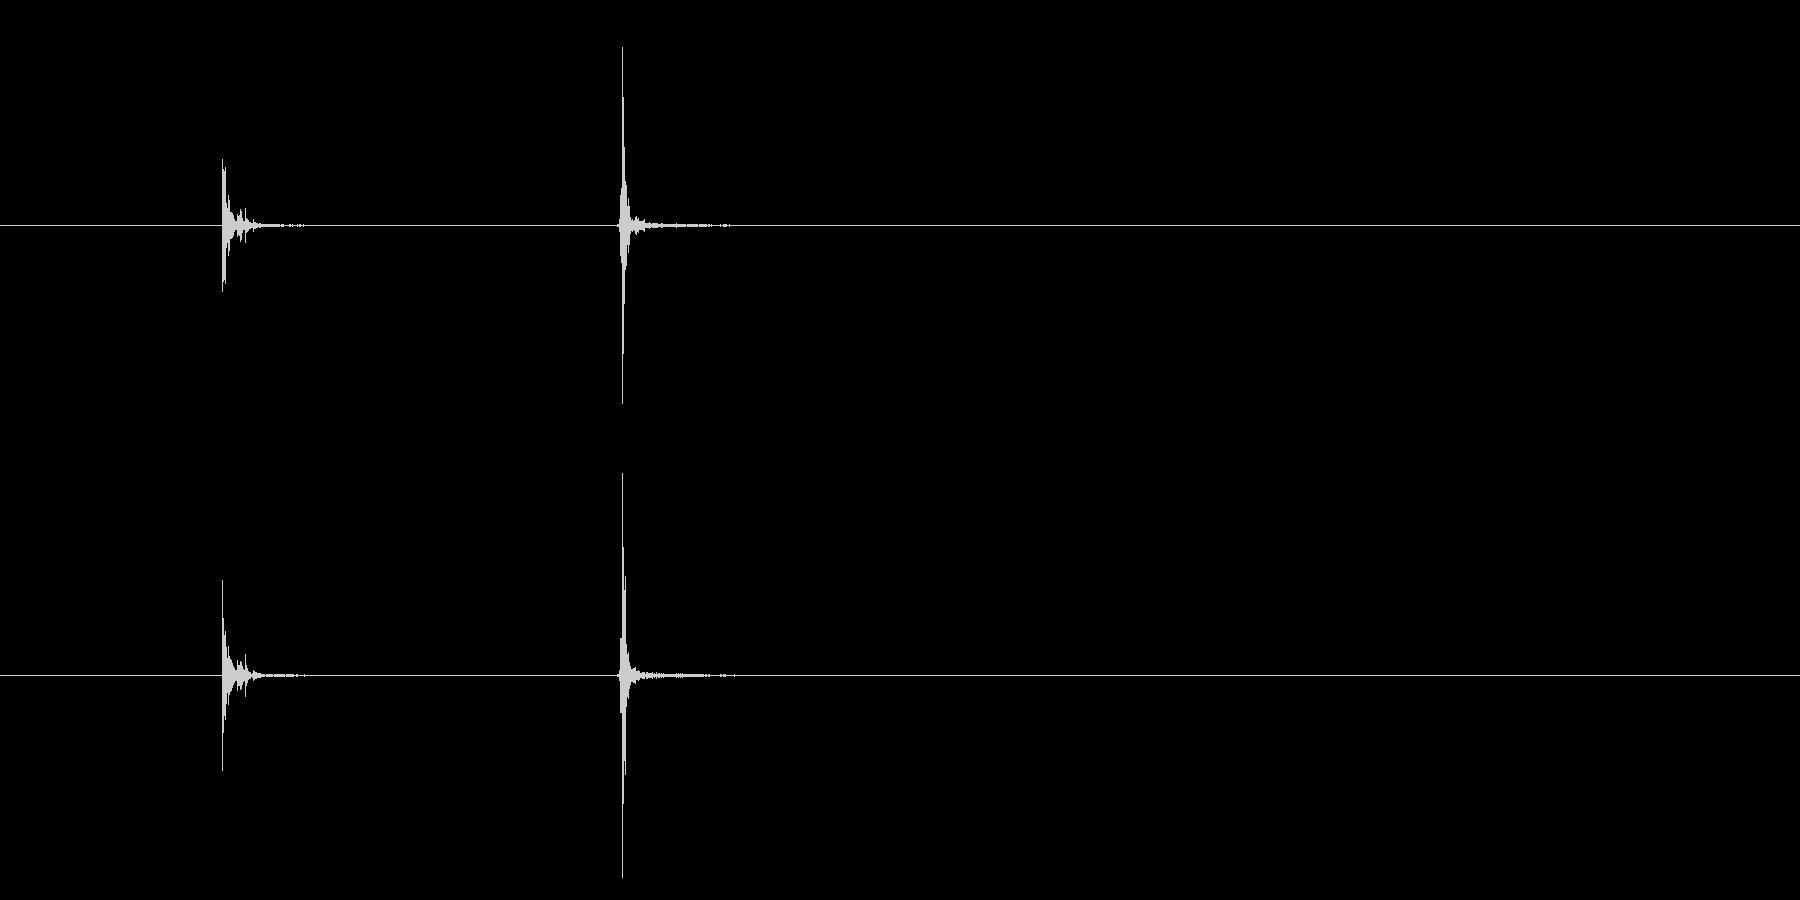 レディースフェイスパウダーコンパク...の未再生の波形